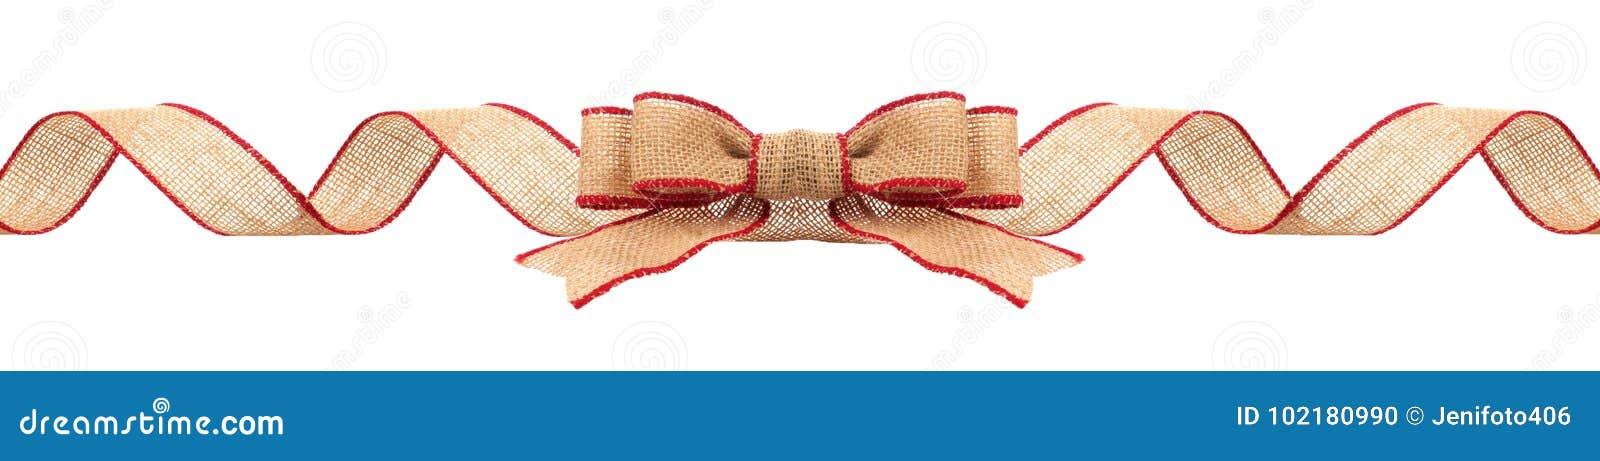 Frontera de la Navidad con la cinta de la arpillera con la franja roja aislada